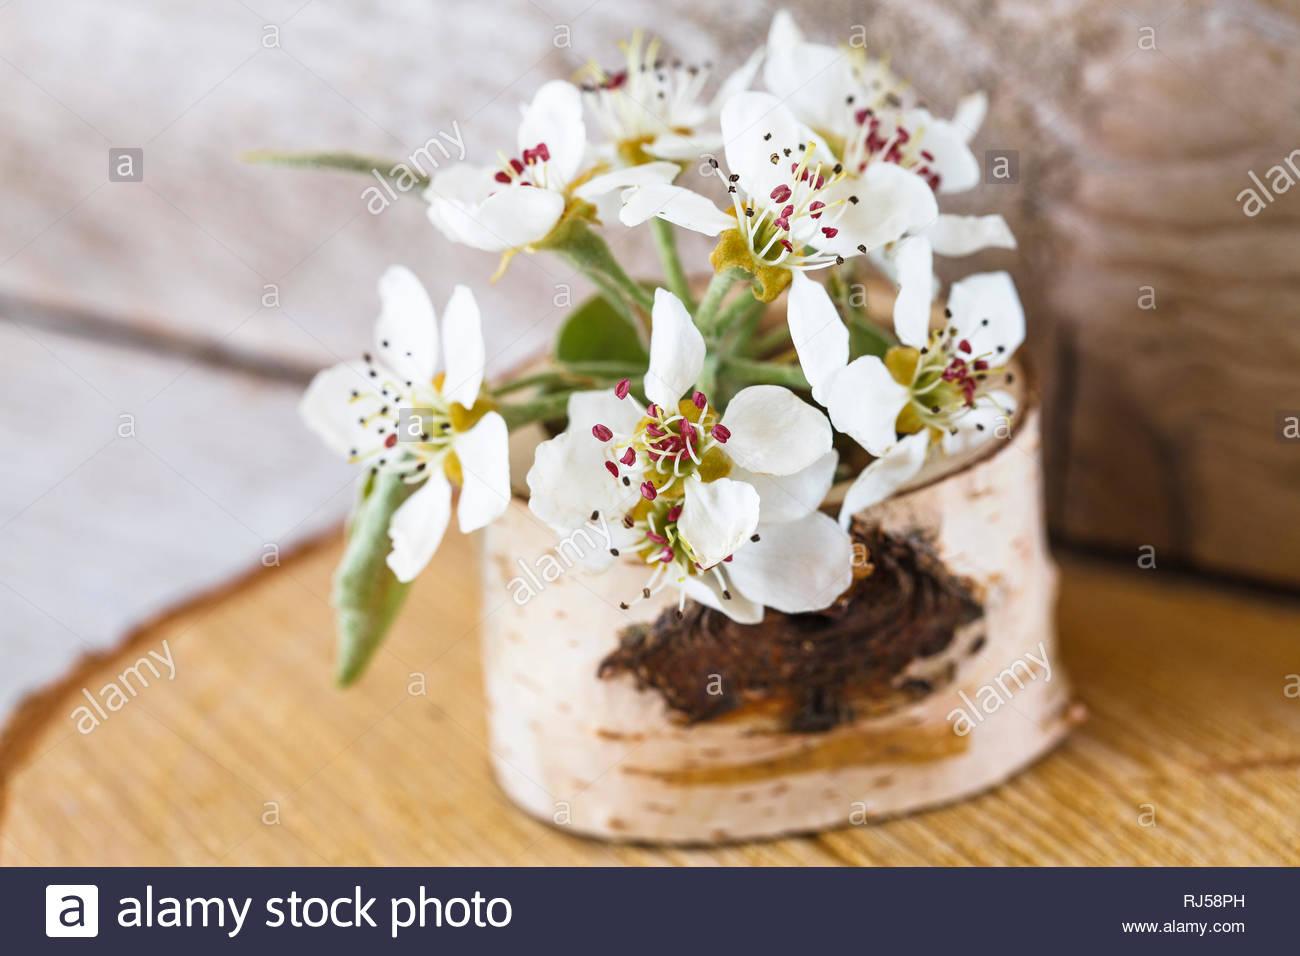 eine vase aus birkenholz birnenblten RJ58PH